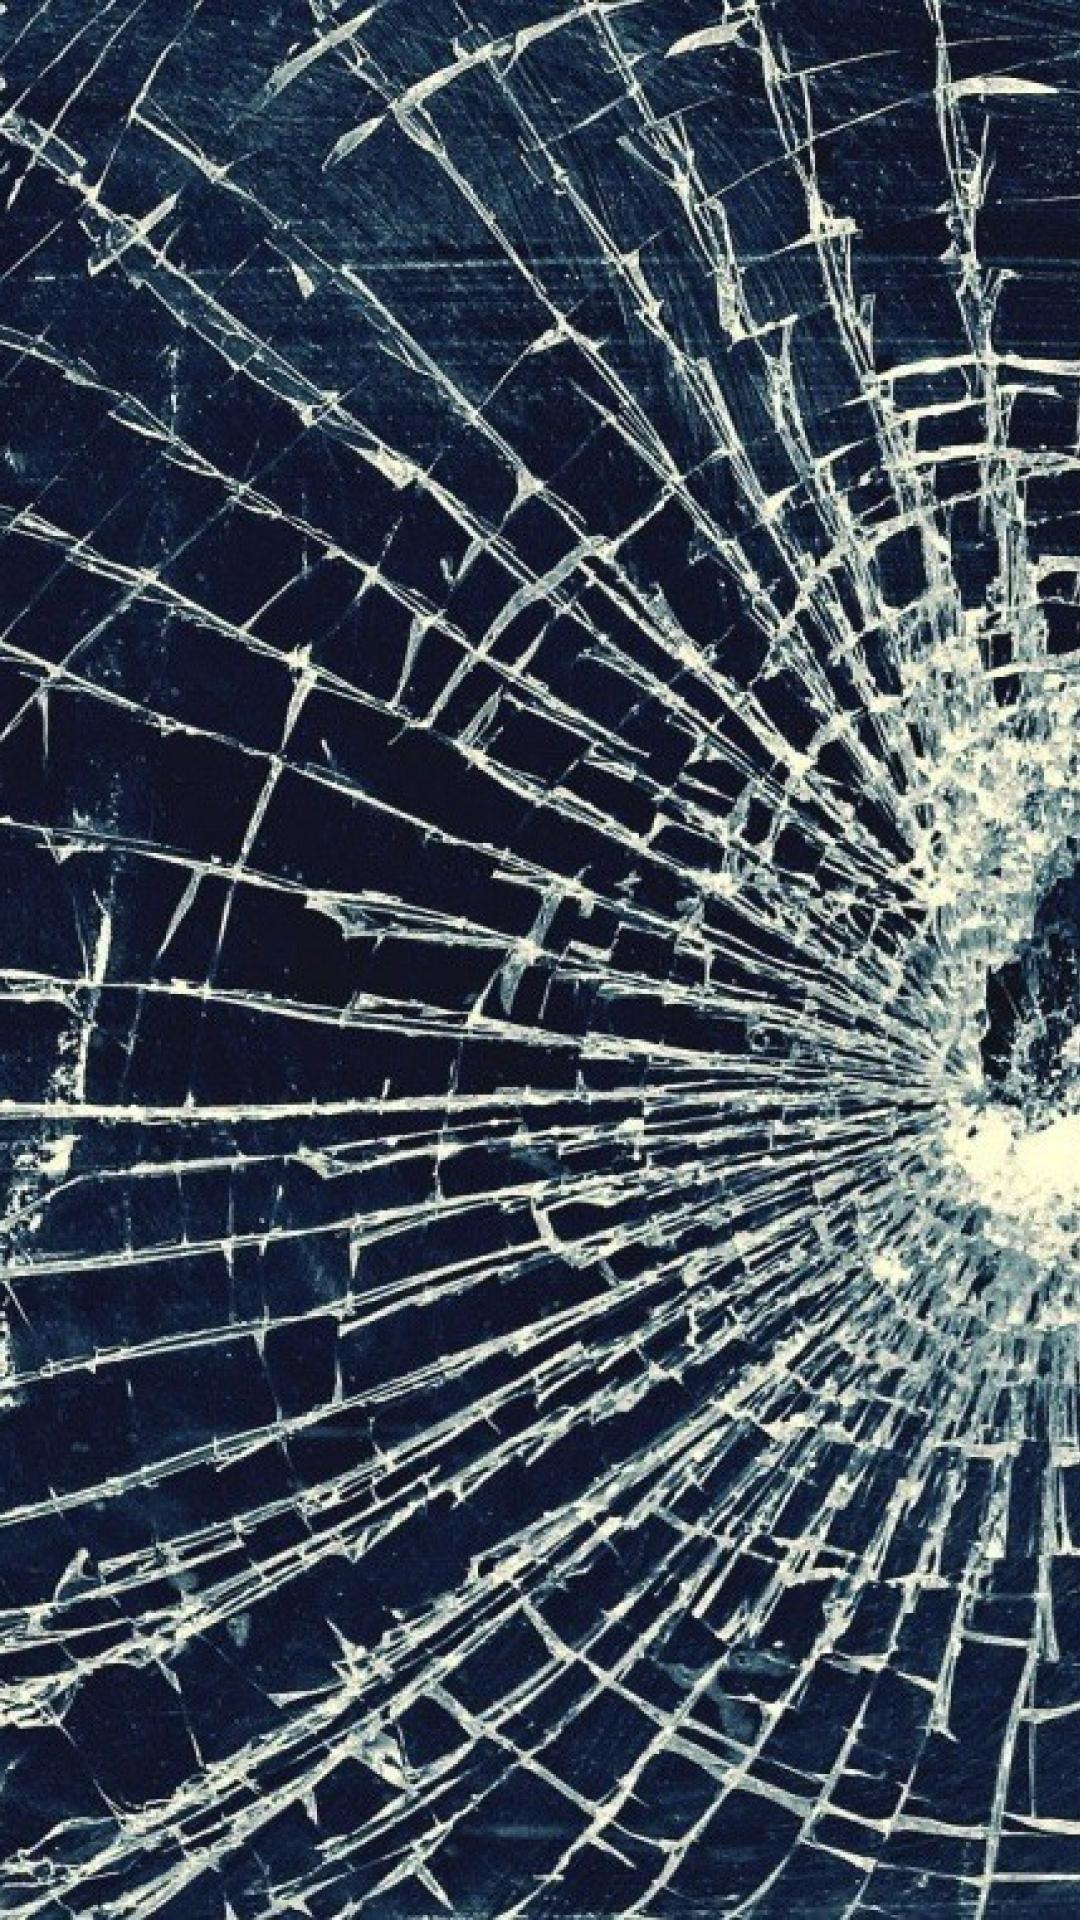 Realistic Cracked Screen Background Picture In 2020 Broken Screen Wallpaper Cracked Iphone Broken Screen